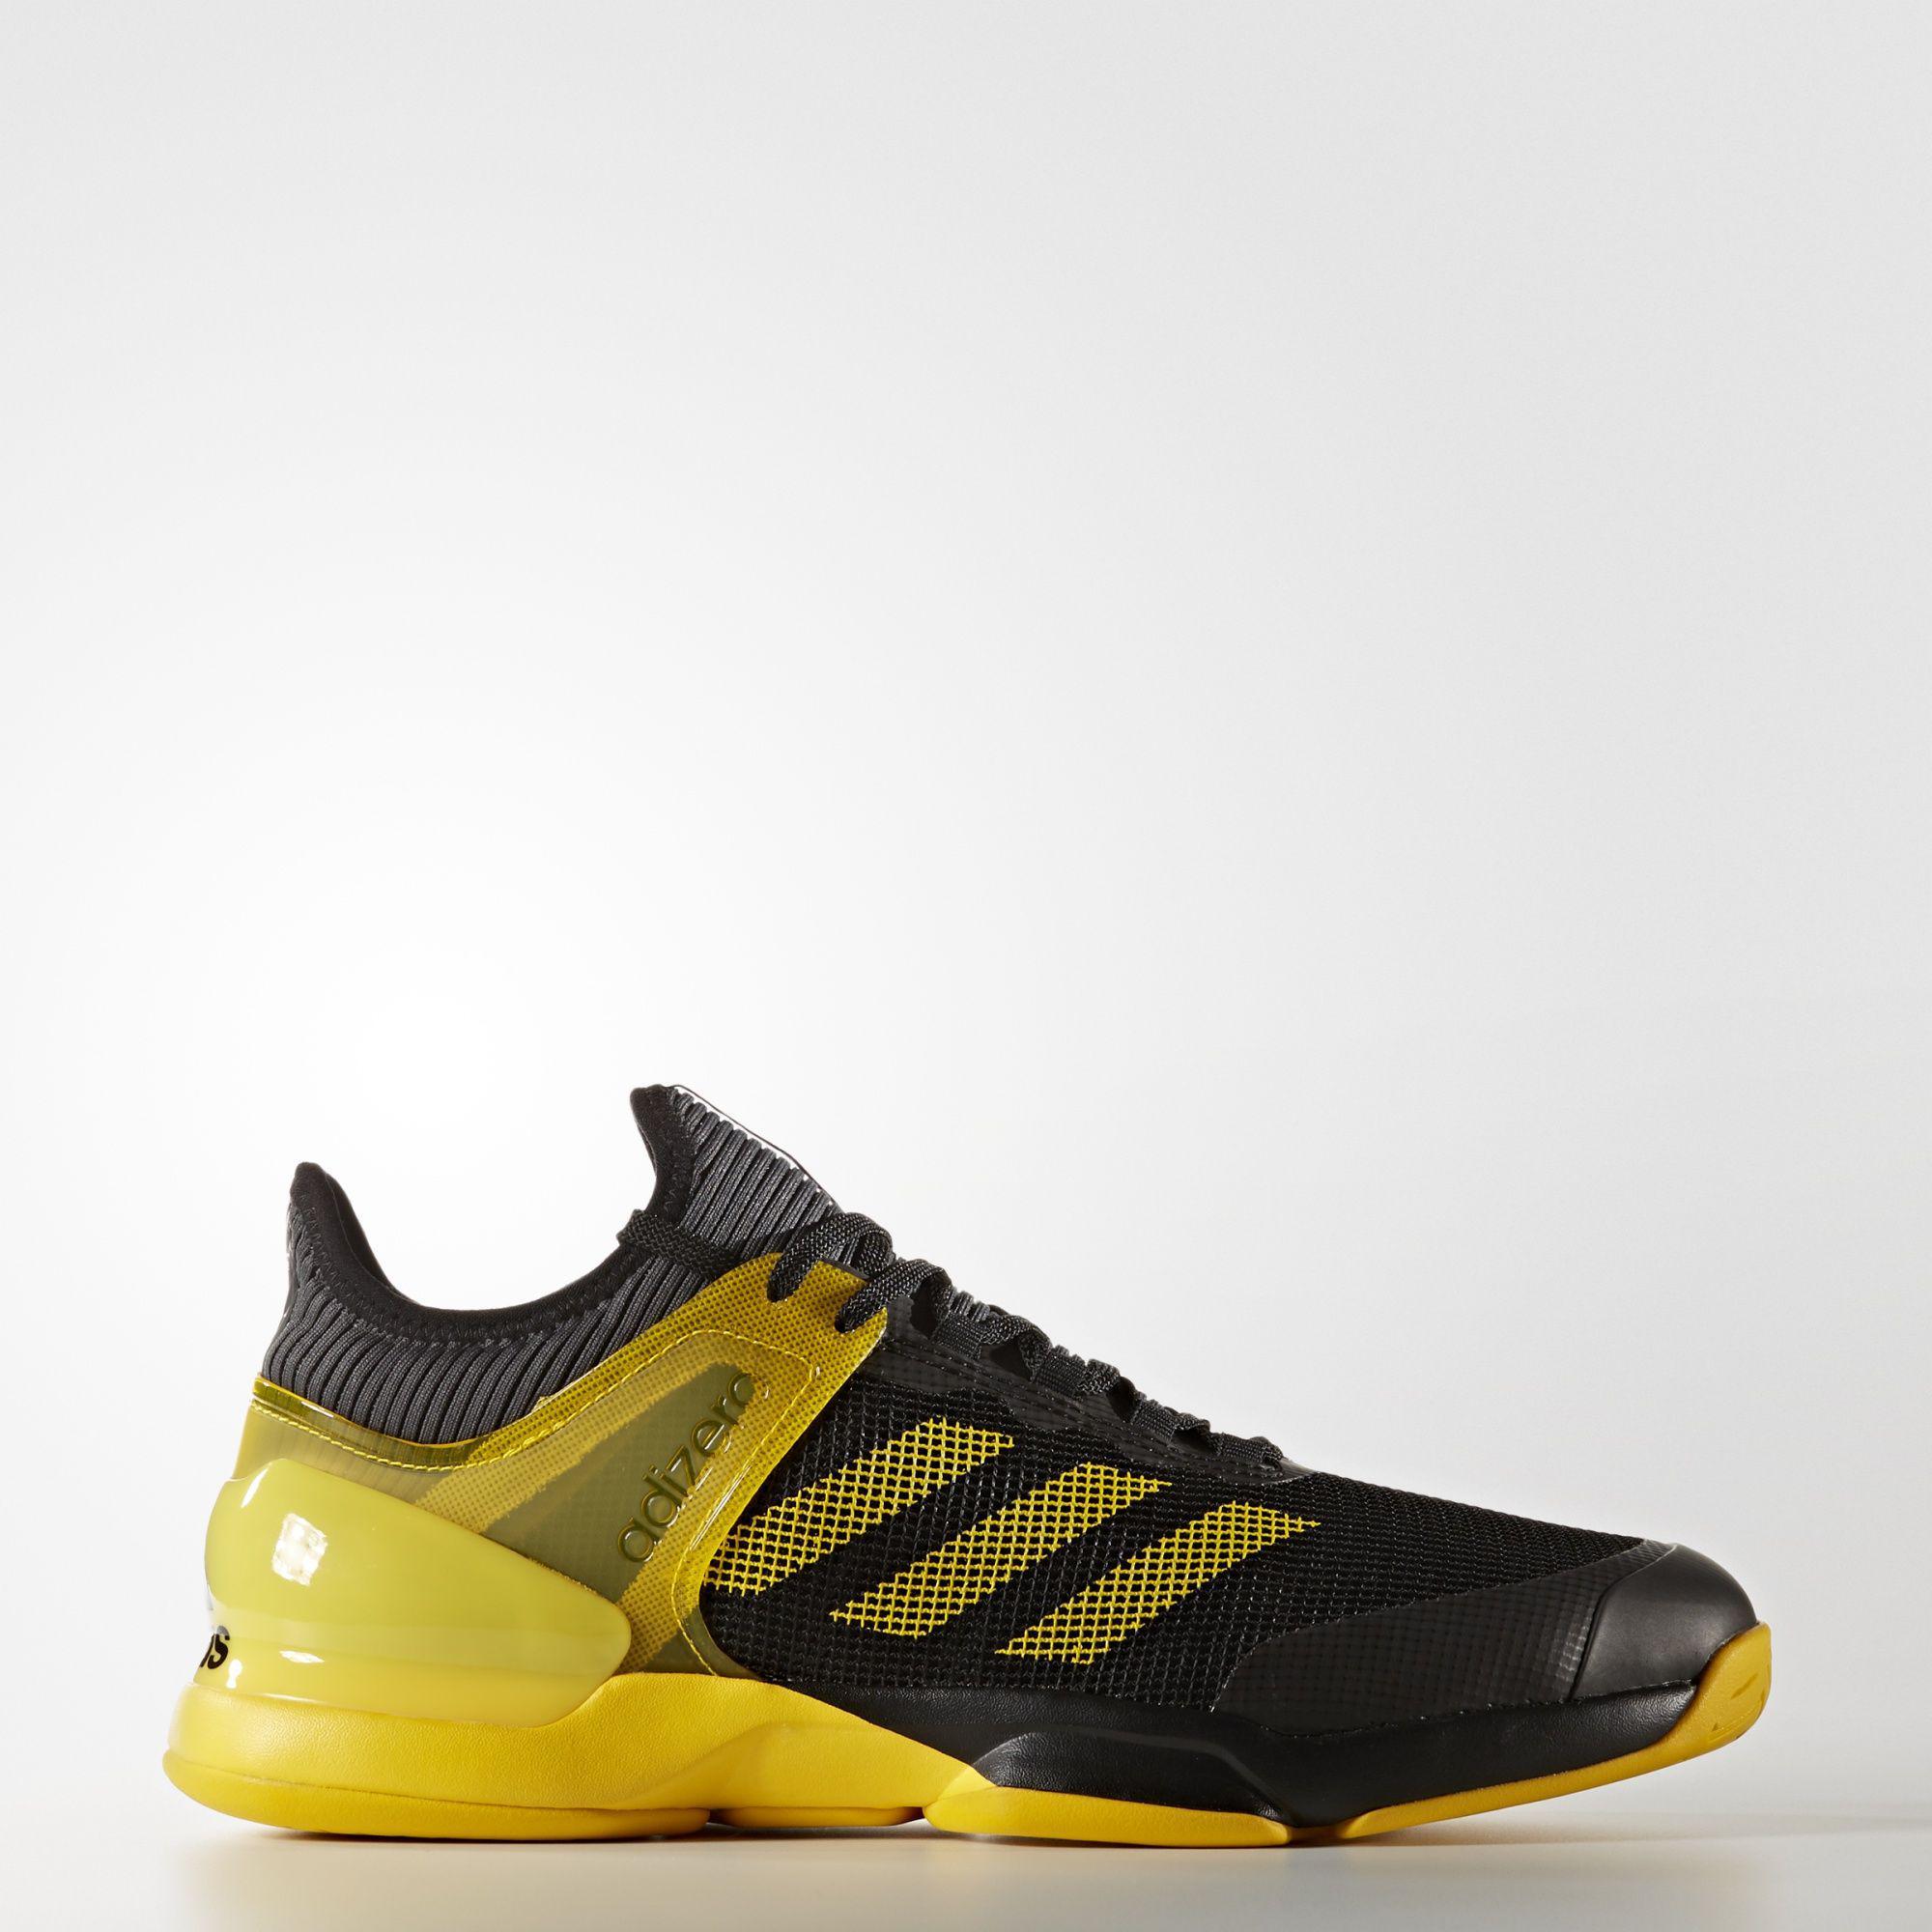 quality design 208b4 81726 Adidas Mens Adizero Ubersonic 2.0 Tennis Shoes - BlackYellow -  Tennisnuts.com